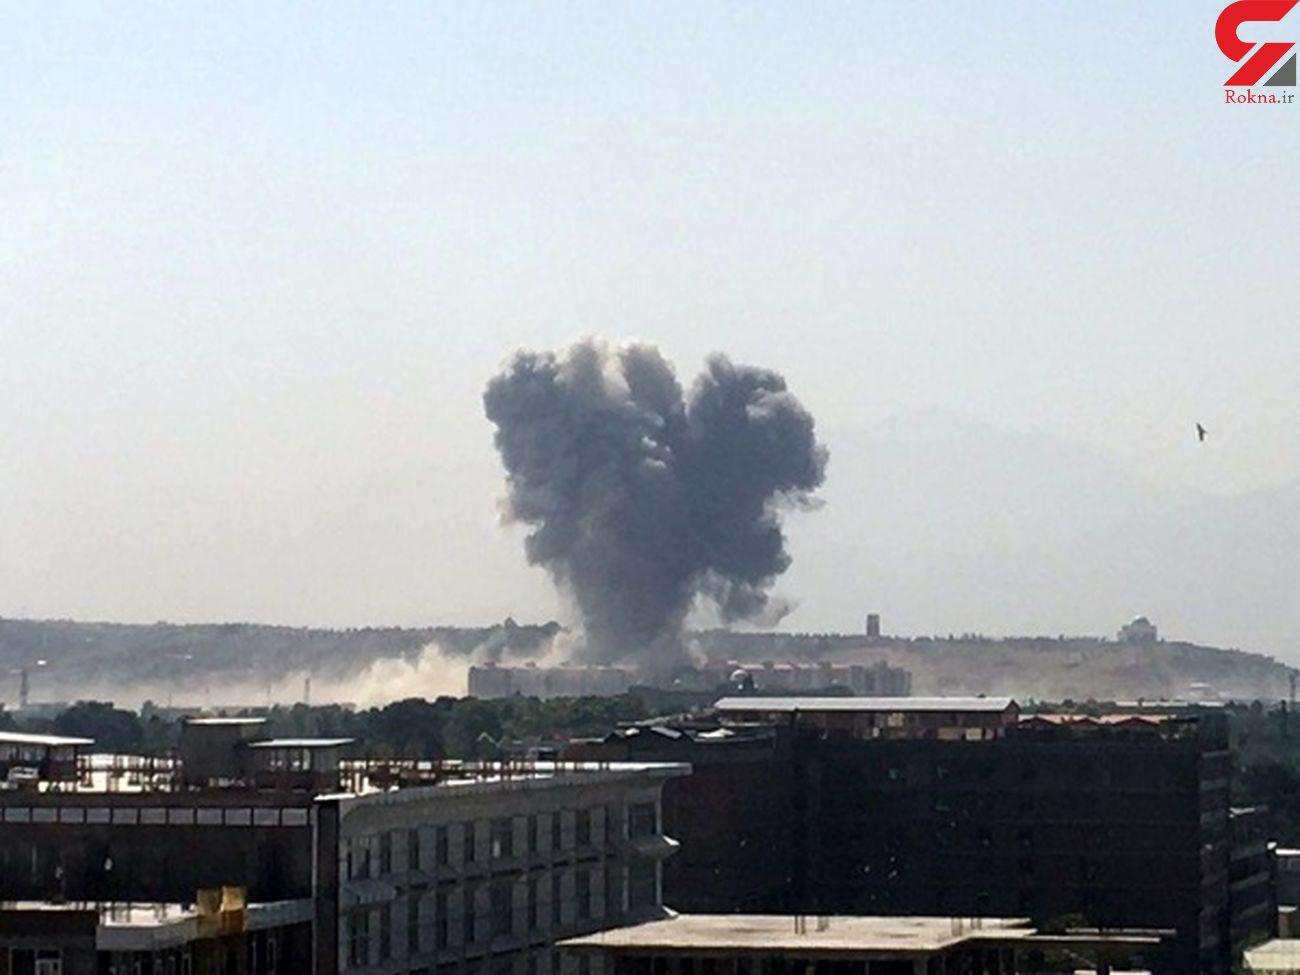 انفجار امروز کابل کار داعش بود